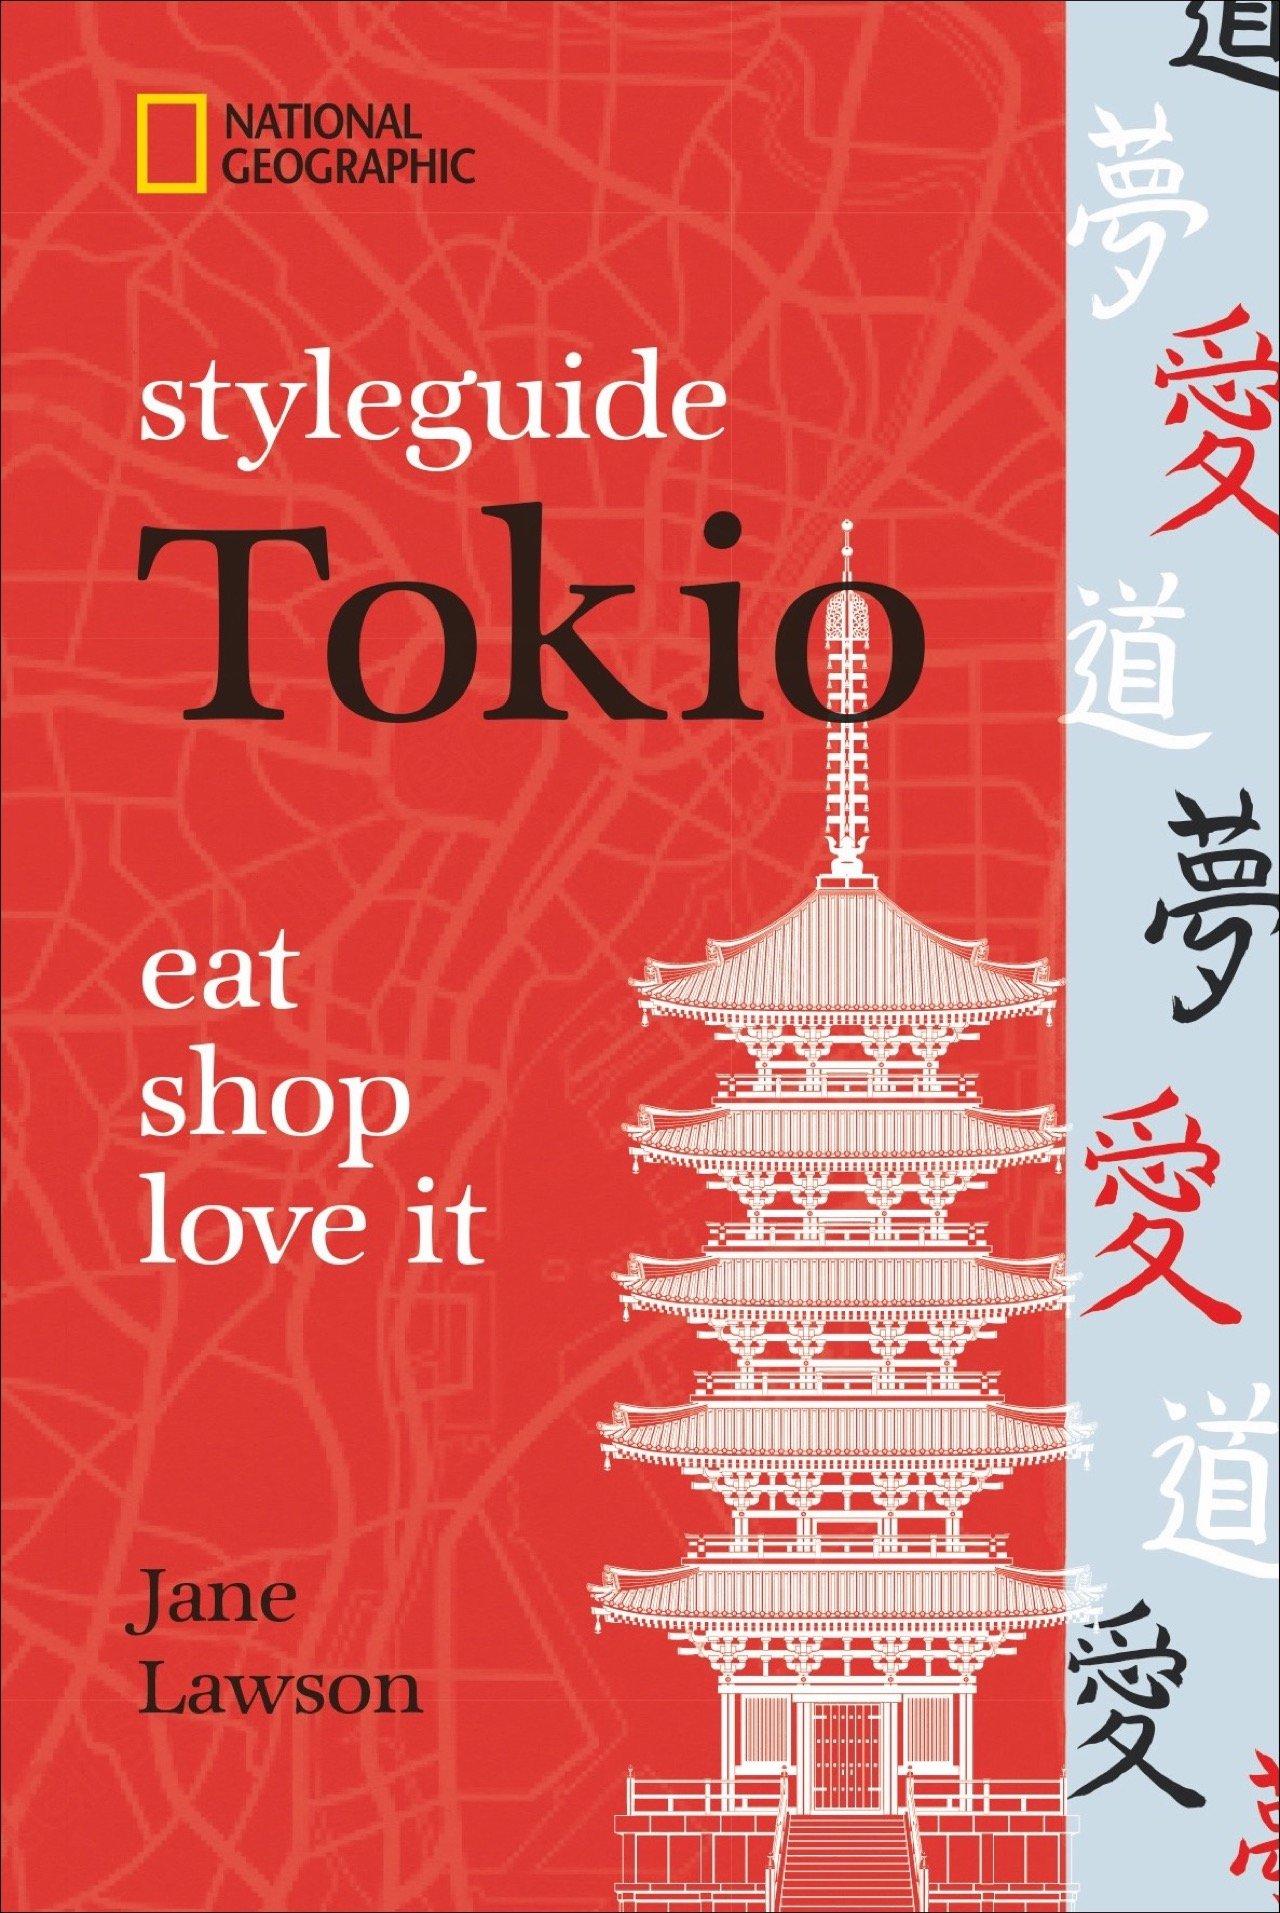 NATIONAL GEOGRAPHIC Styleguide Tokio: eat, shop, love it. Der perfekte Reiseführer um die trendigsten Adressen der Stadt zu entdecken.